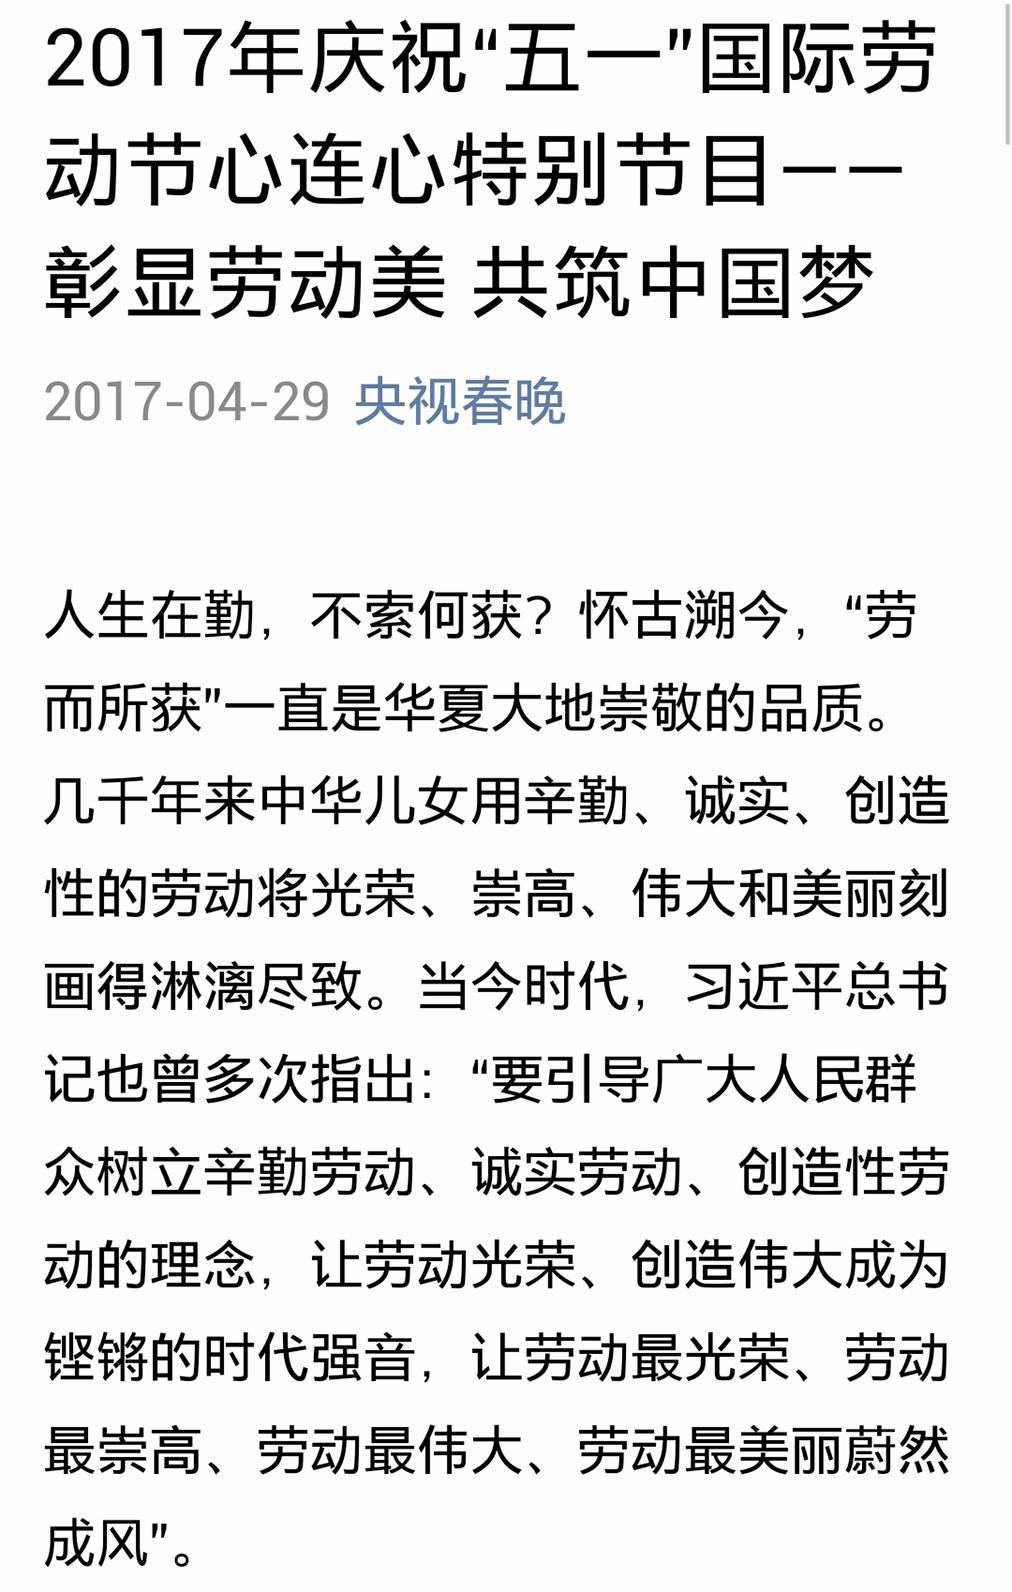 劳动美 共筑中国梦,预祝各位朋友,五一劳动节开心快乐!